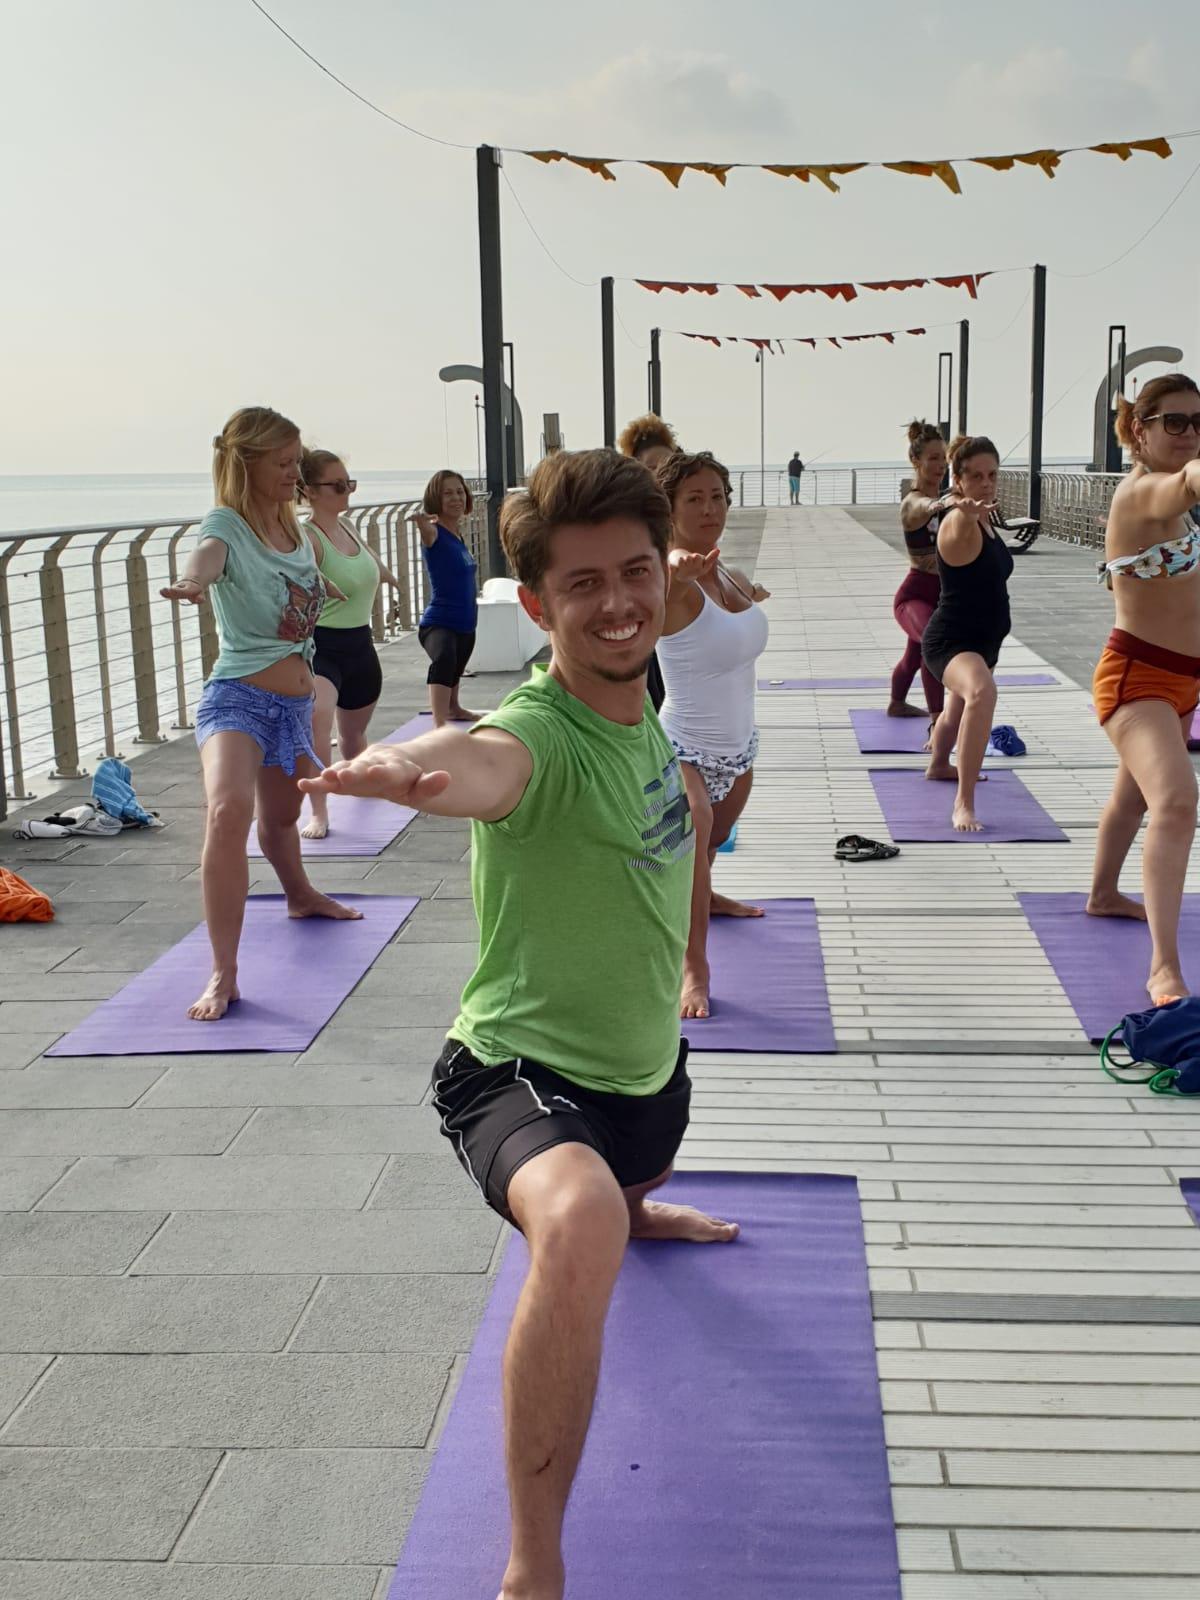 1_essere-free-yoga-gratuito-benessere-per-tutti-village-citta-alassio-estate-lucia-ragazzi-summer-town-wellness-079